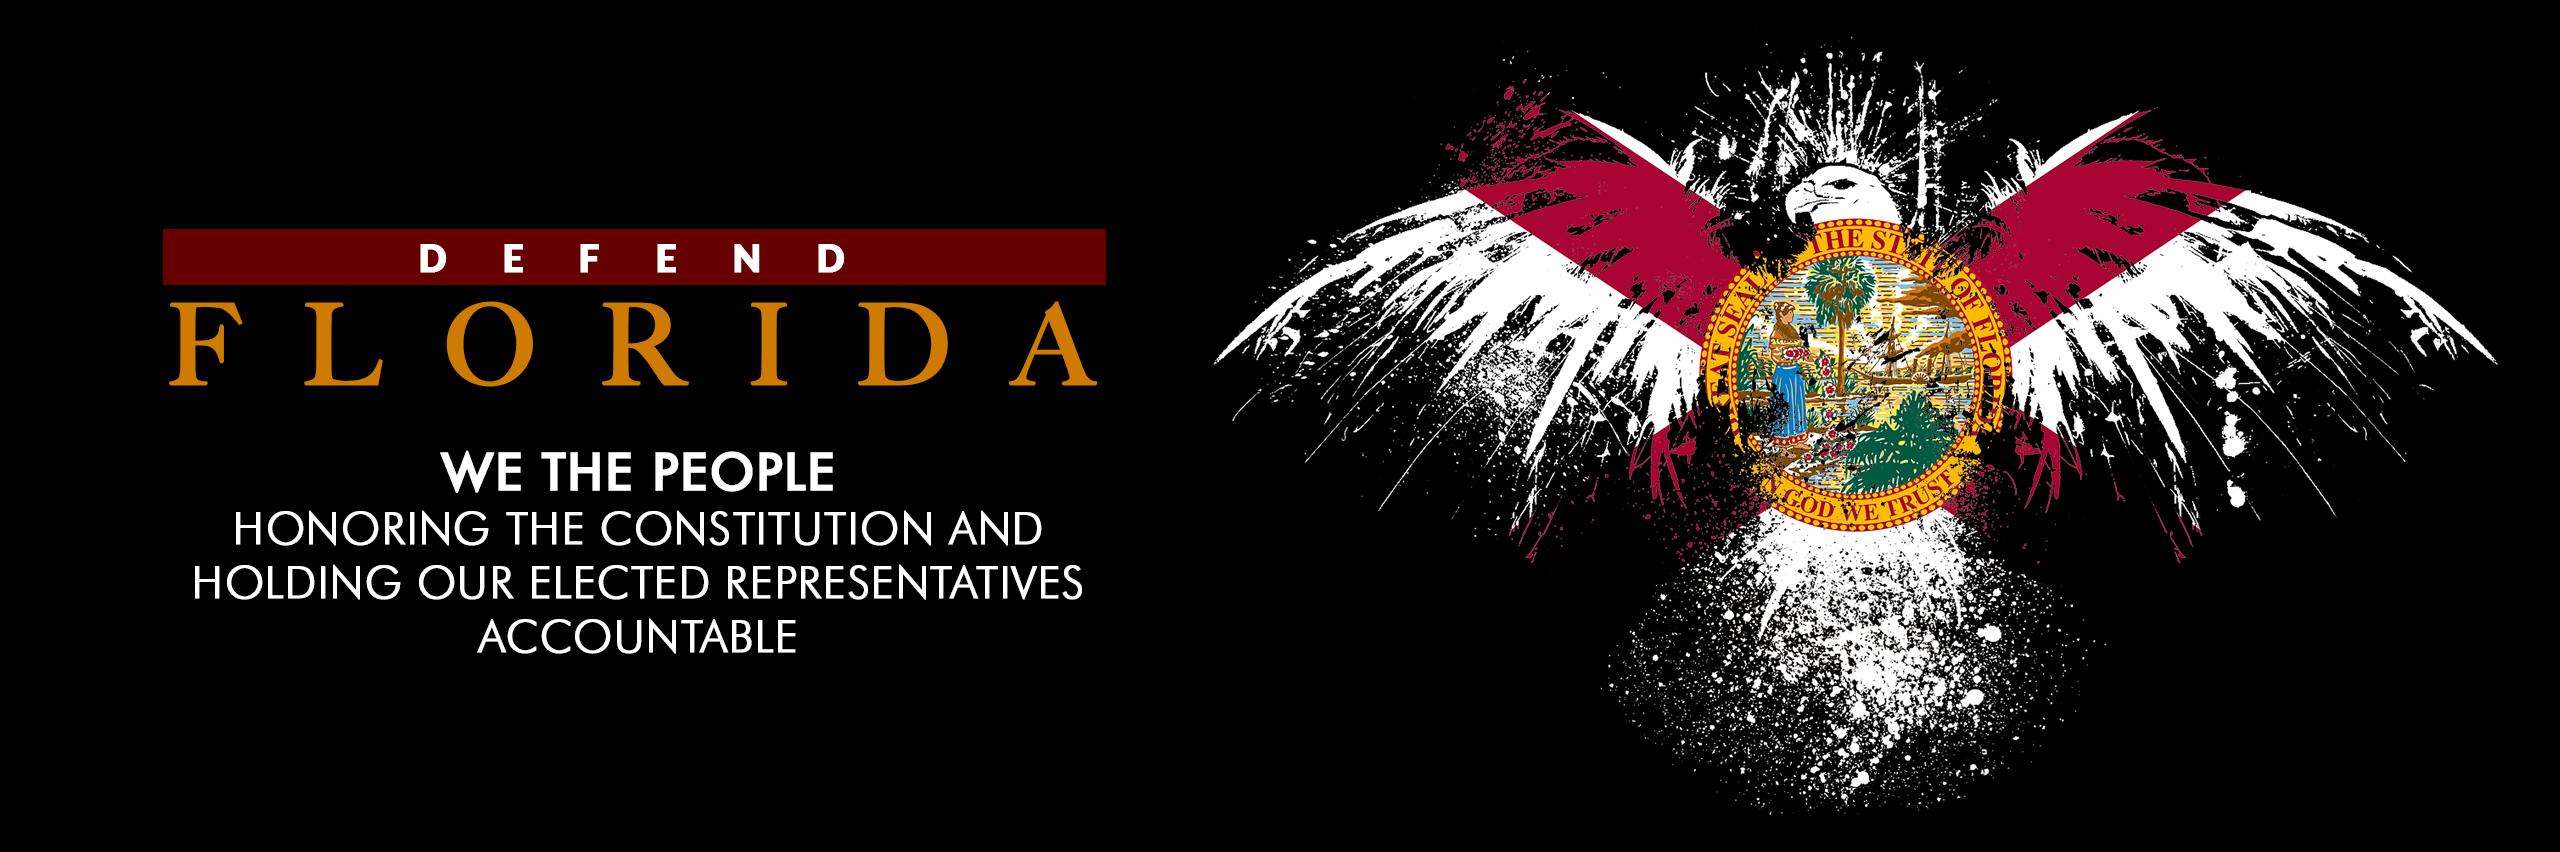 DefendFlorida-header2